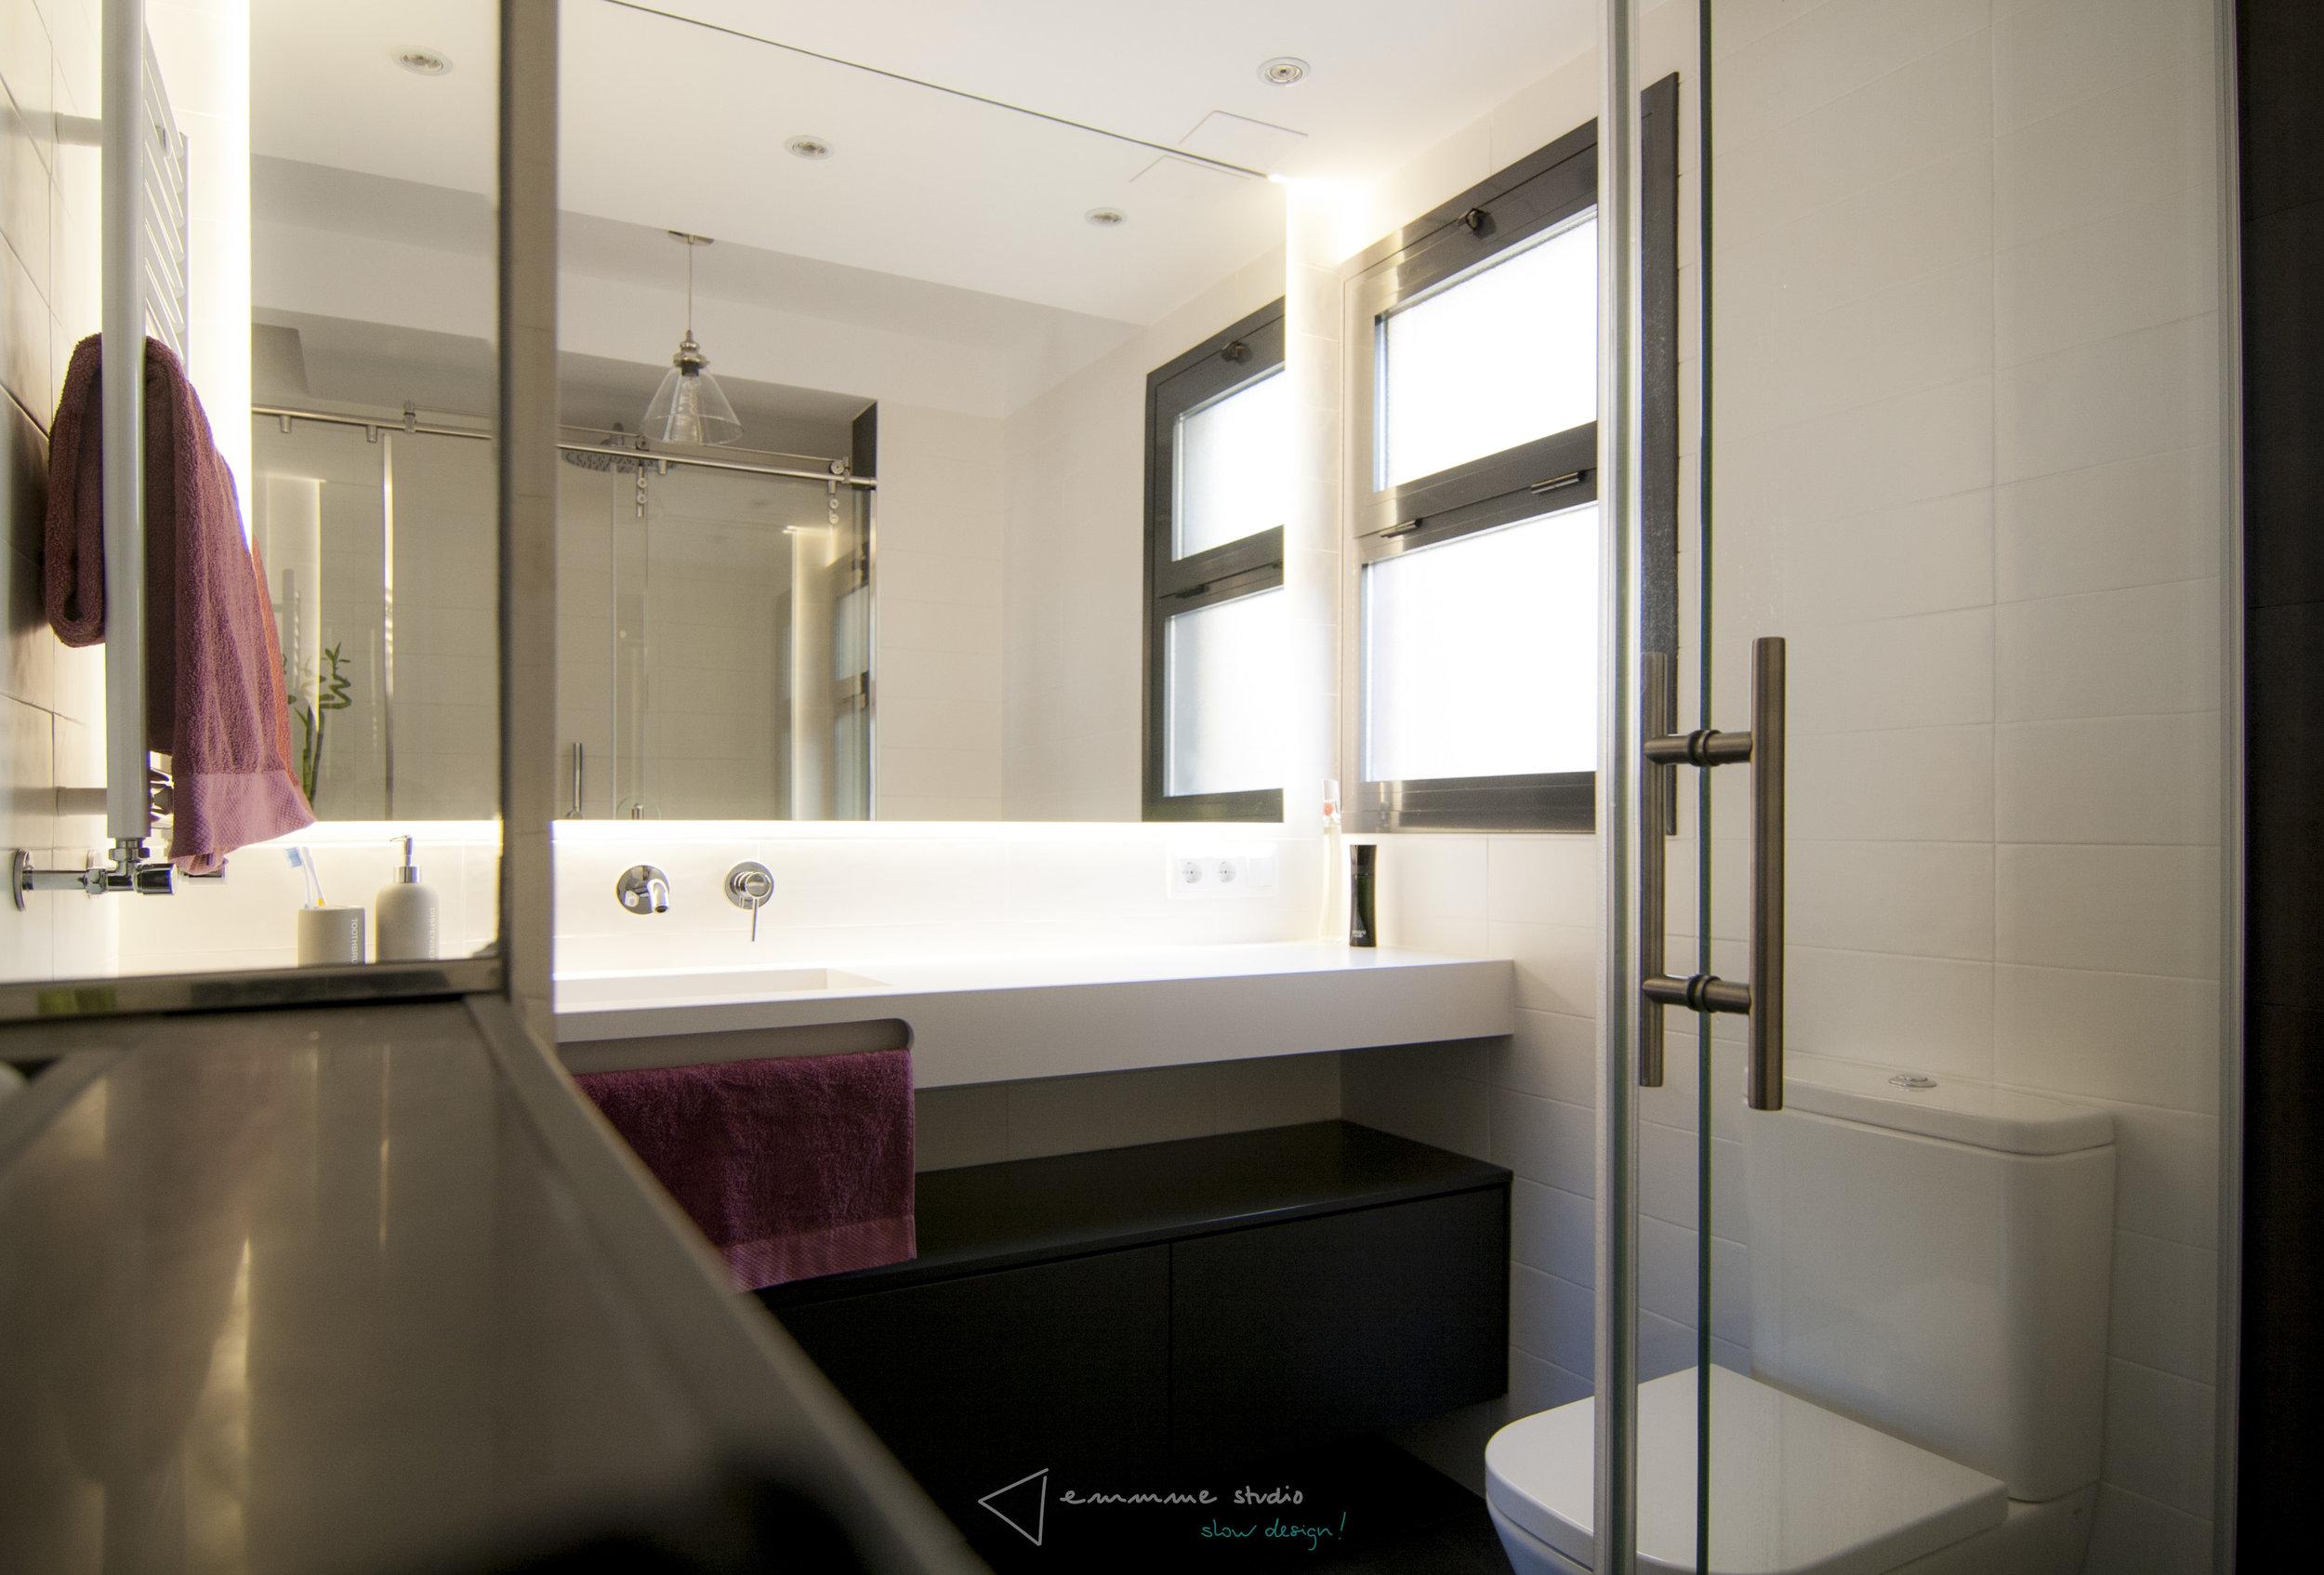 diseño reformas slow emmme studio - baño de Maria y Rober - 00 - CM.jpg